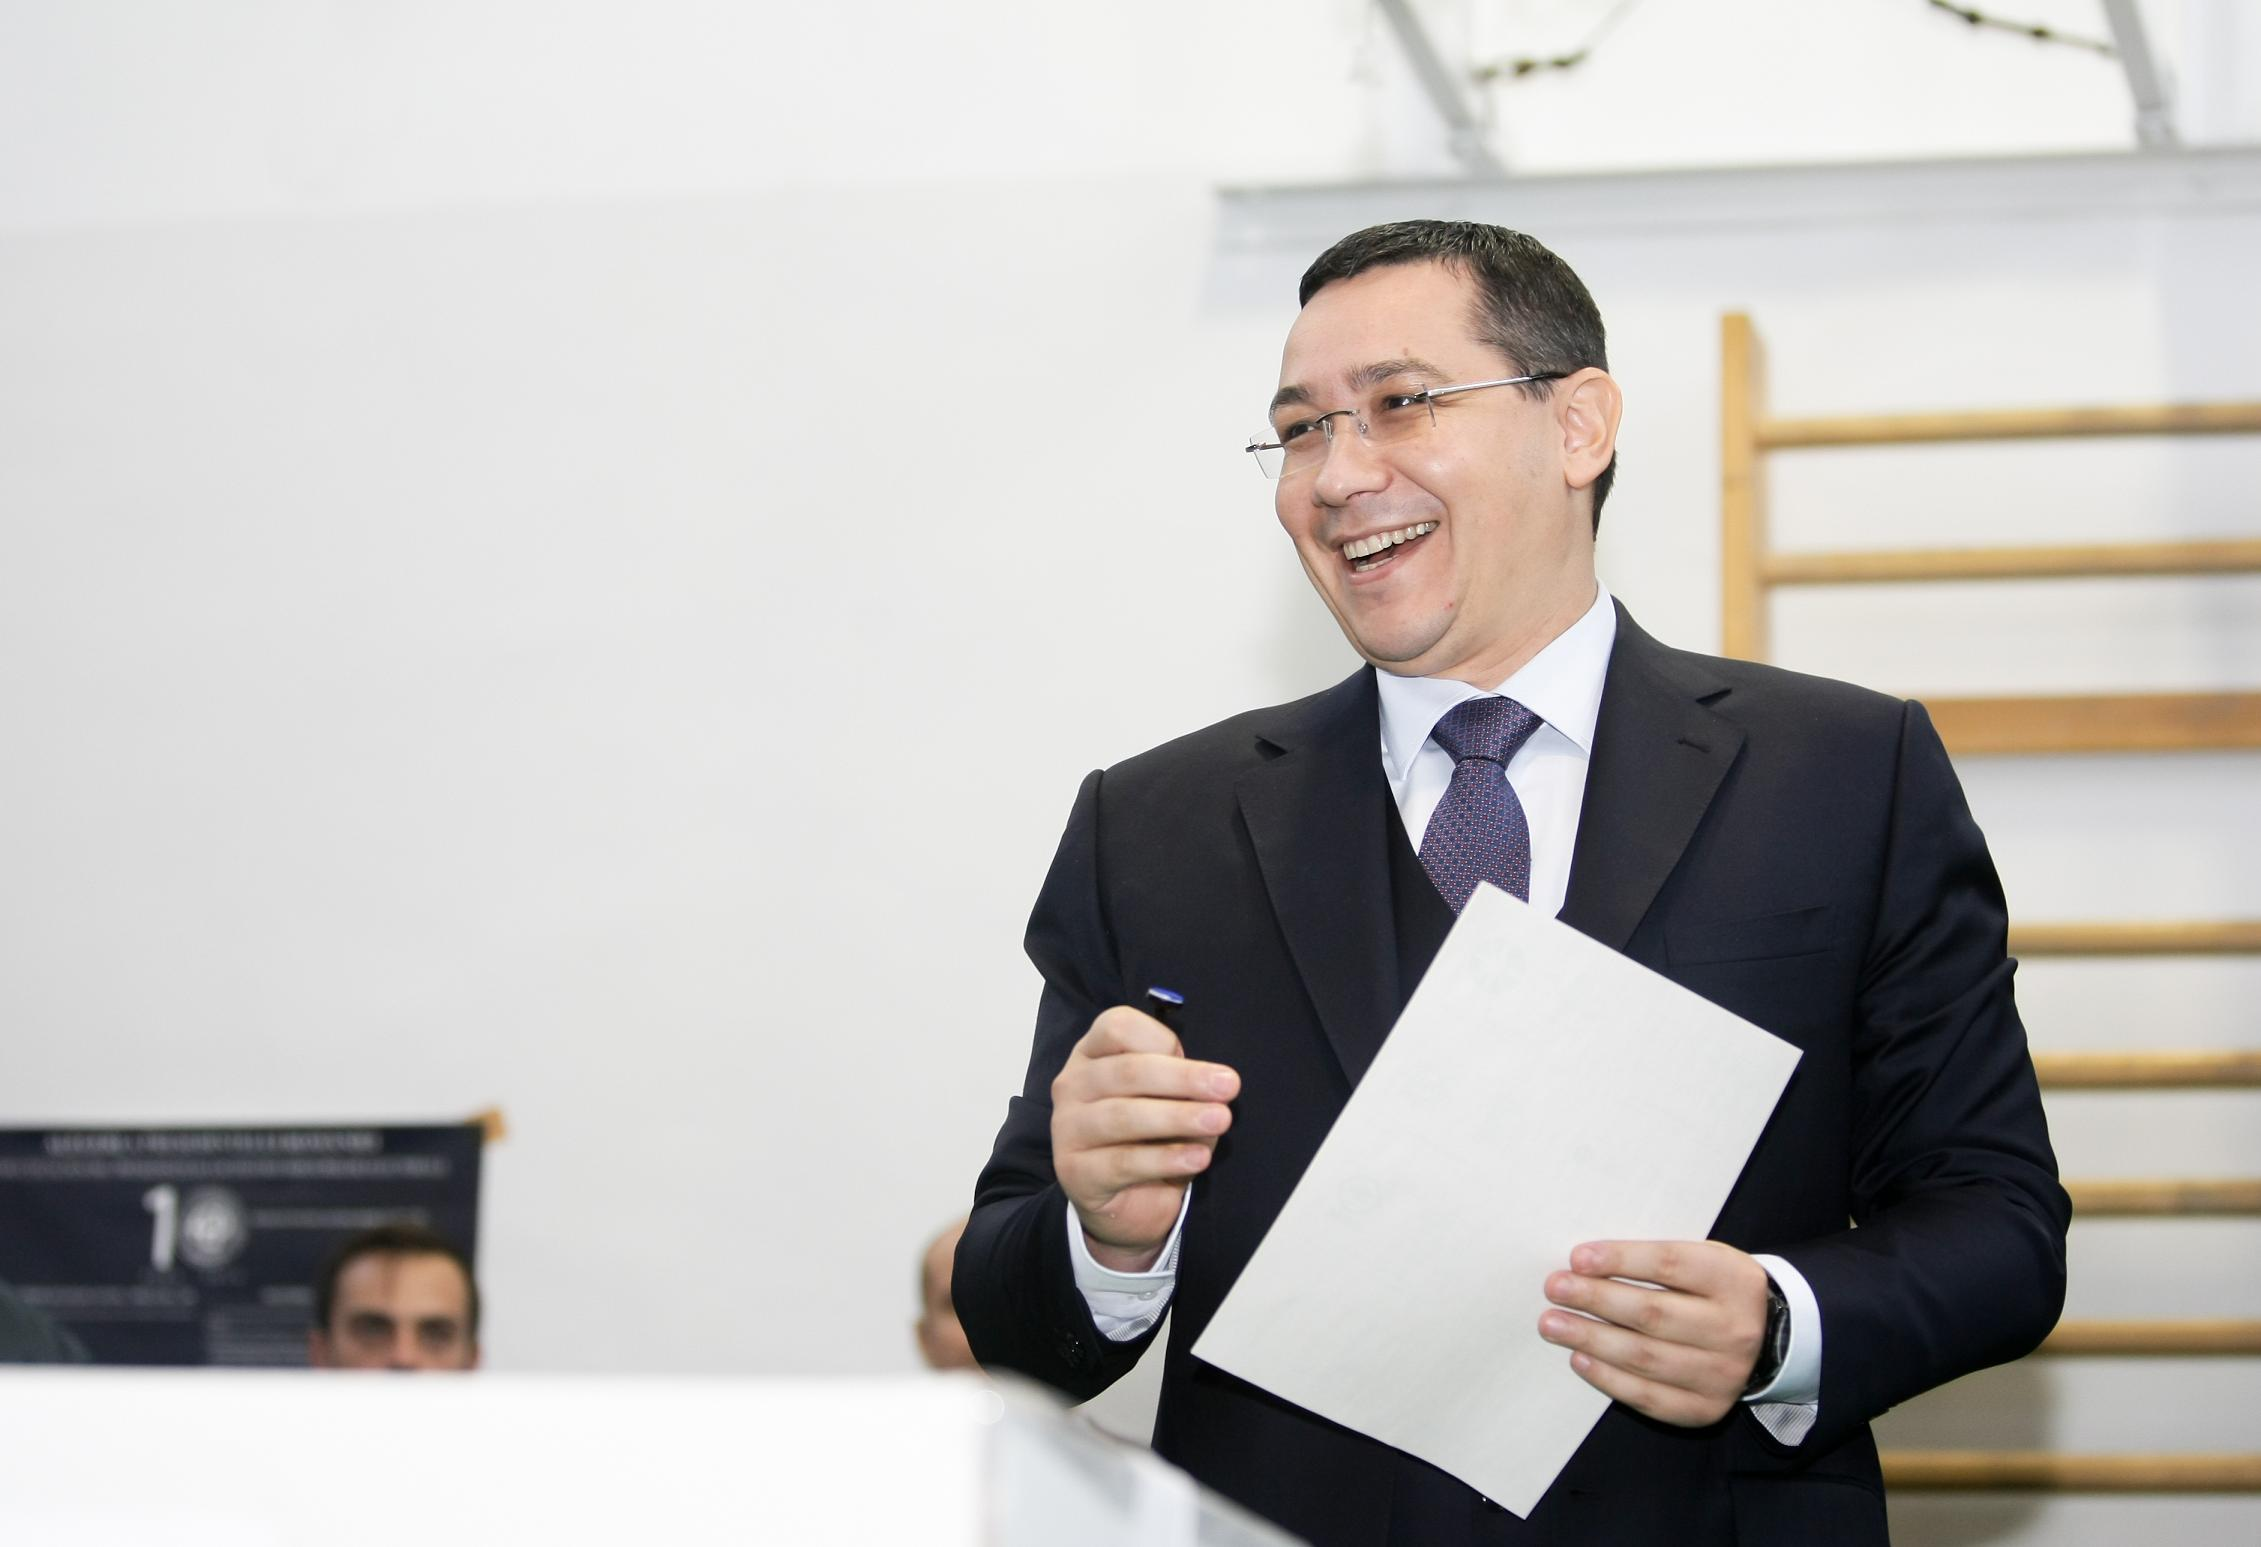 Ponta: Avem nevoie de cardul de sănătate şi de combaterea risipei şi fraudei din sistemul sanitar